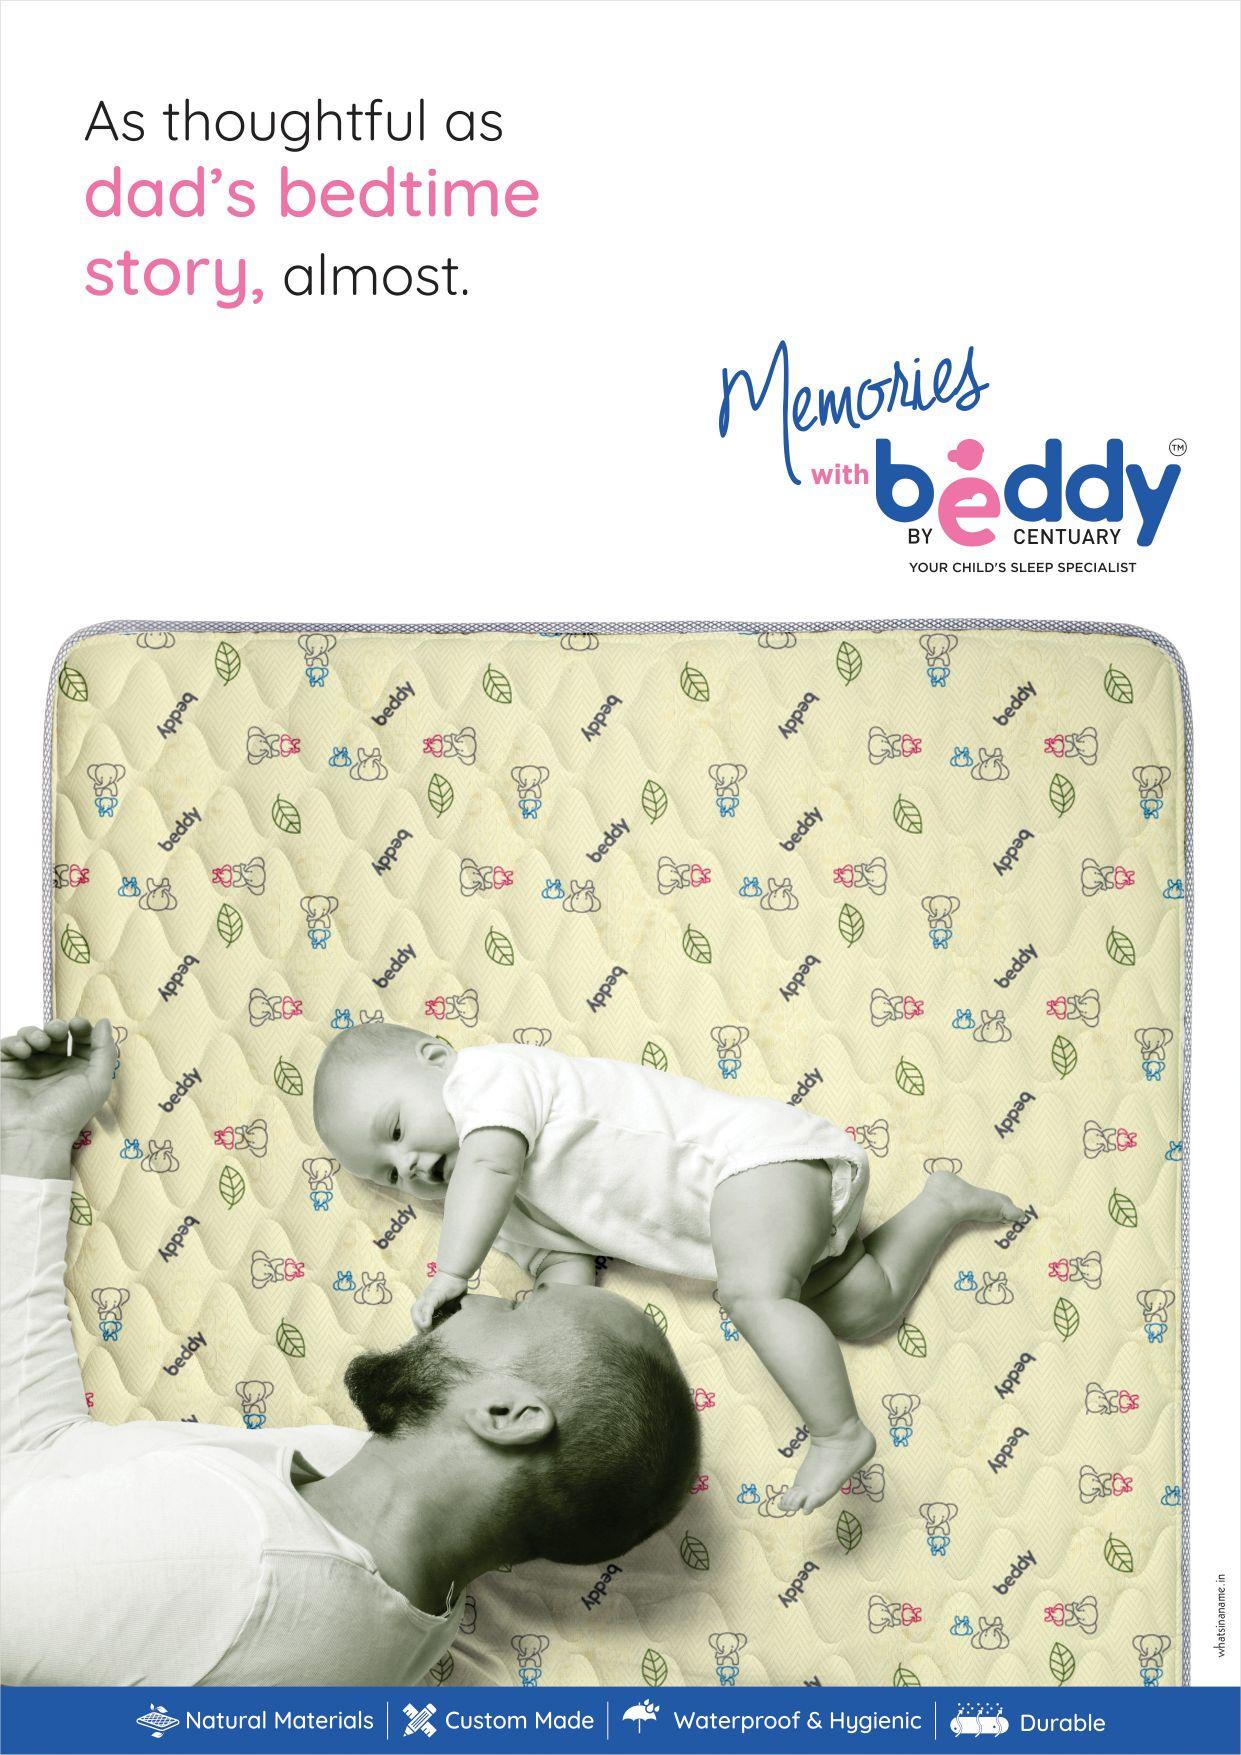 hmoetvpk68y-beddy-__-memories-03